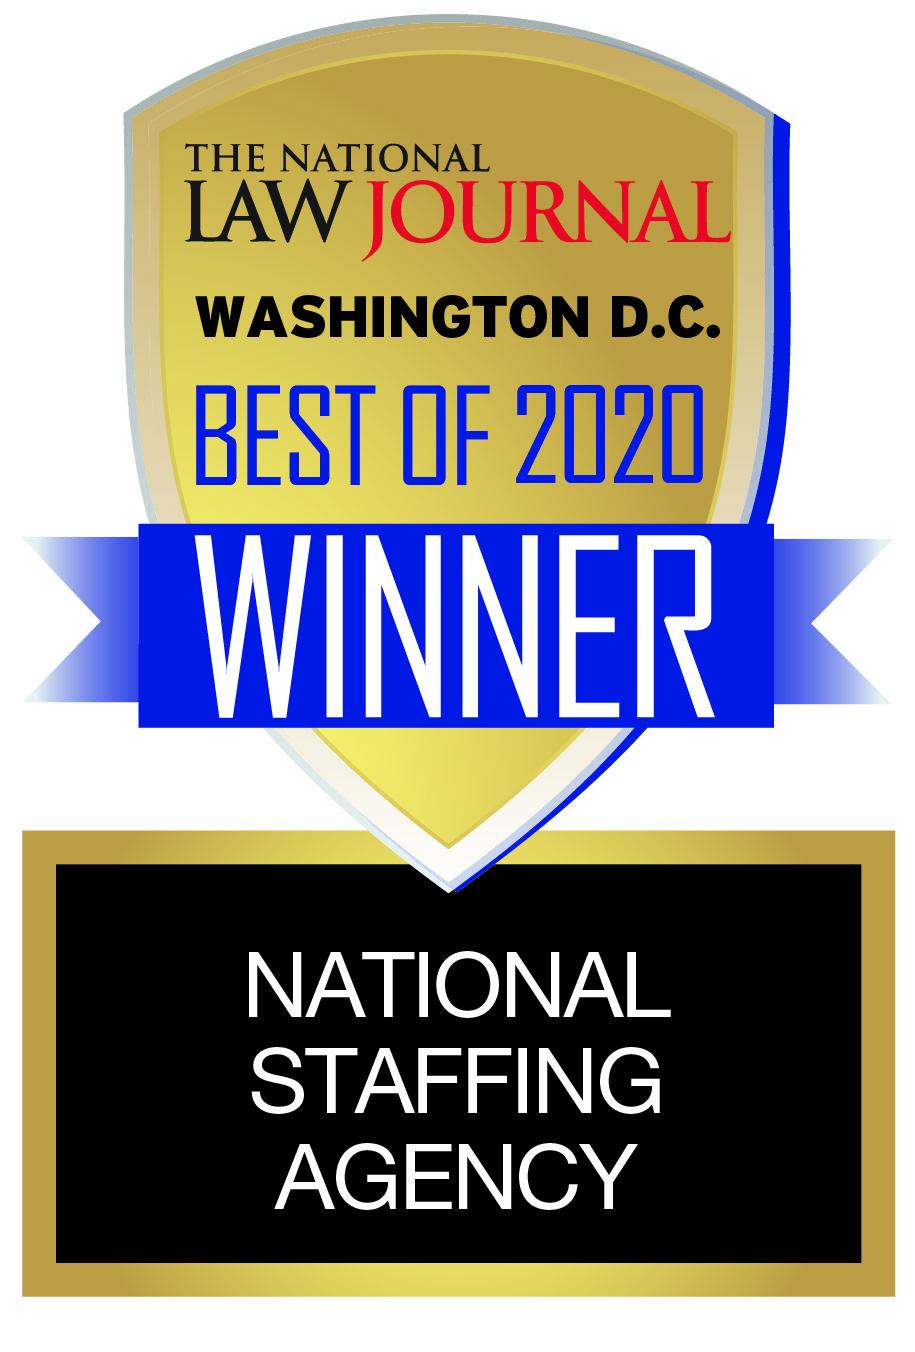 Washington DC Law Journal Best of 2020 Winner